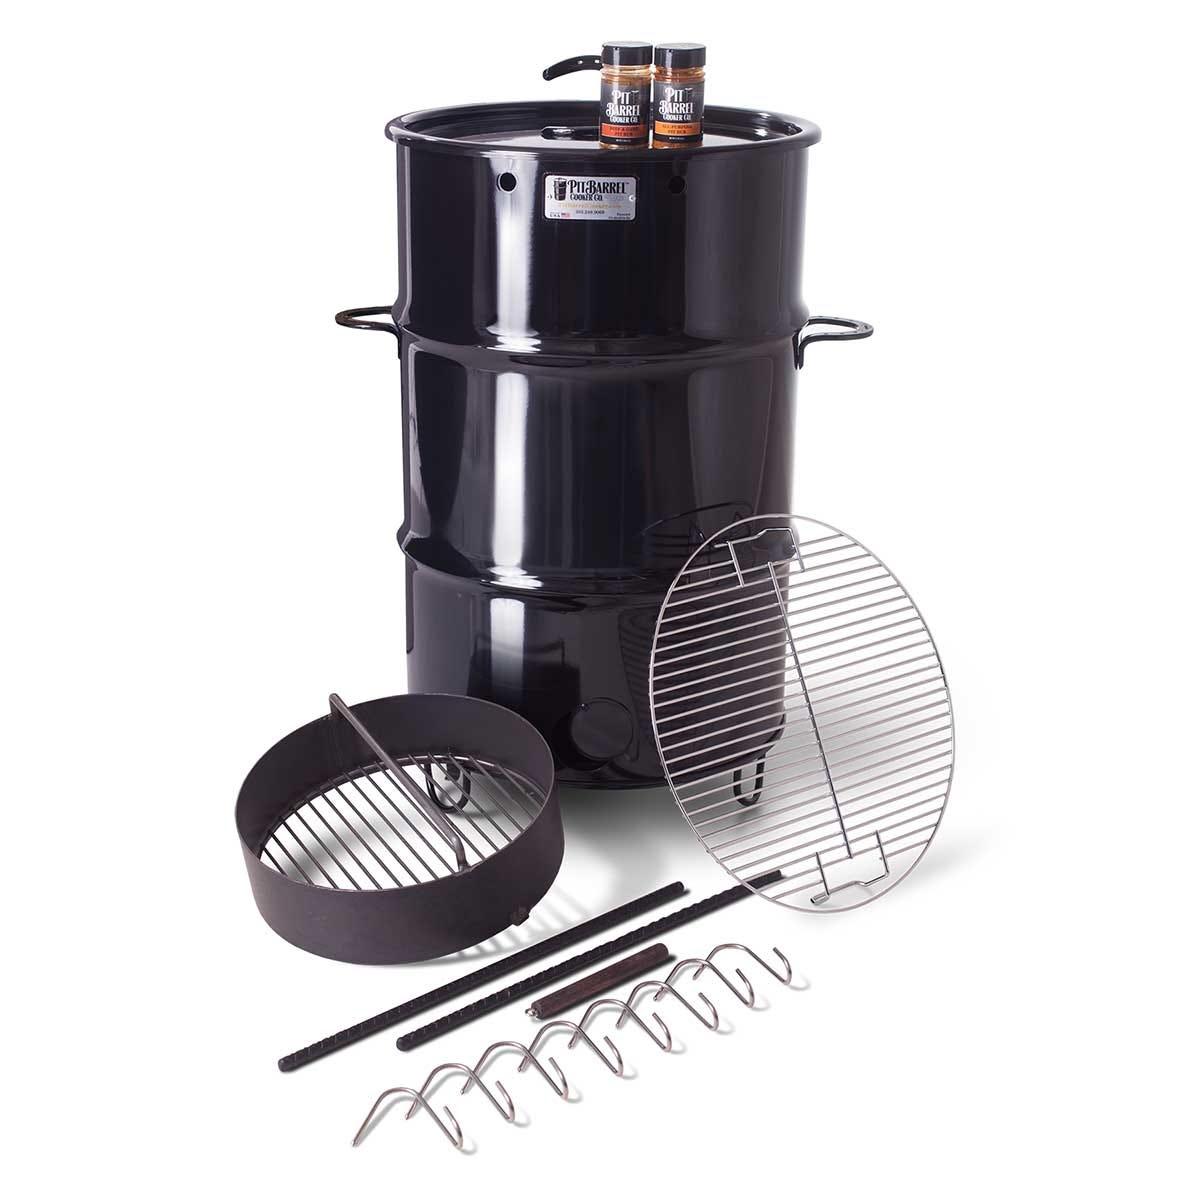 Pit Barrel Cooker Co Pit Barrel Cooker BBQ Smoker